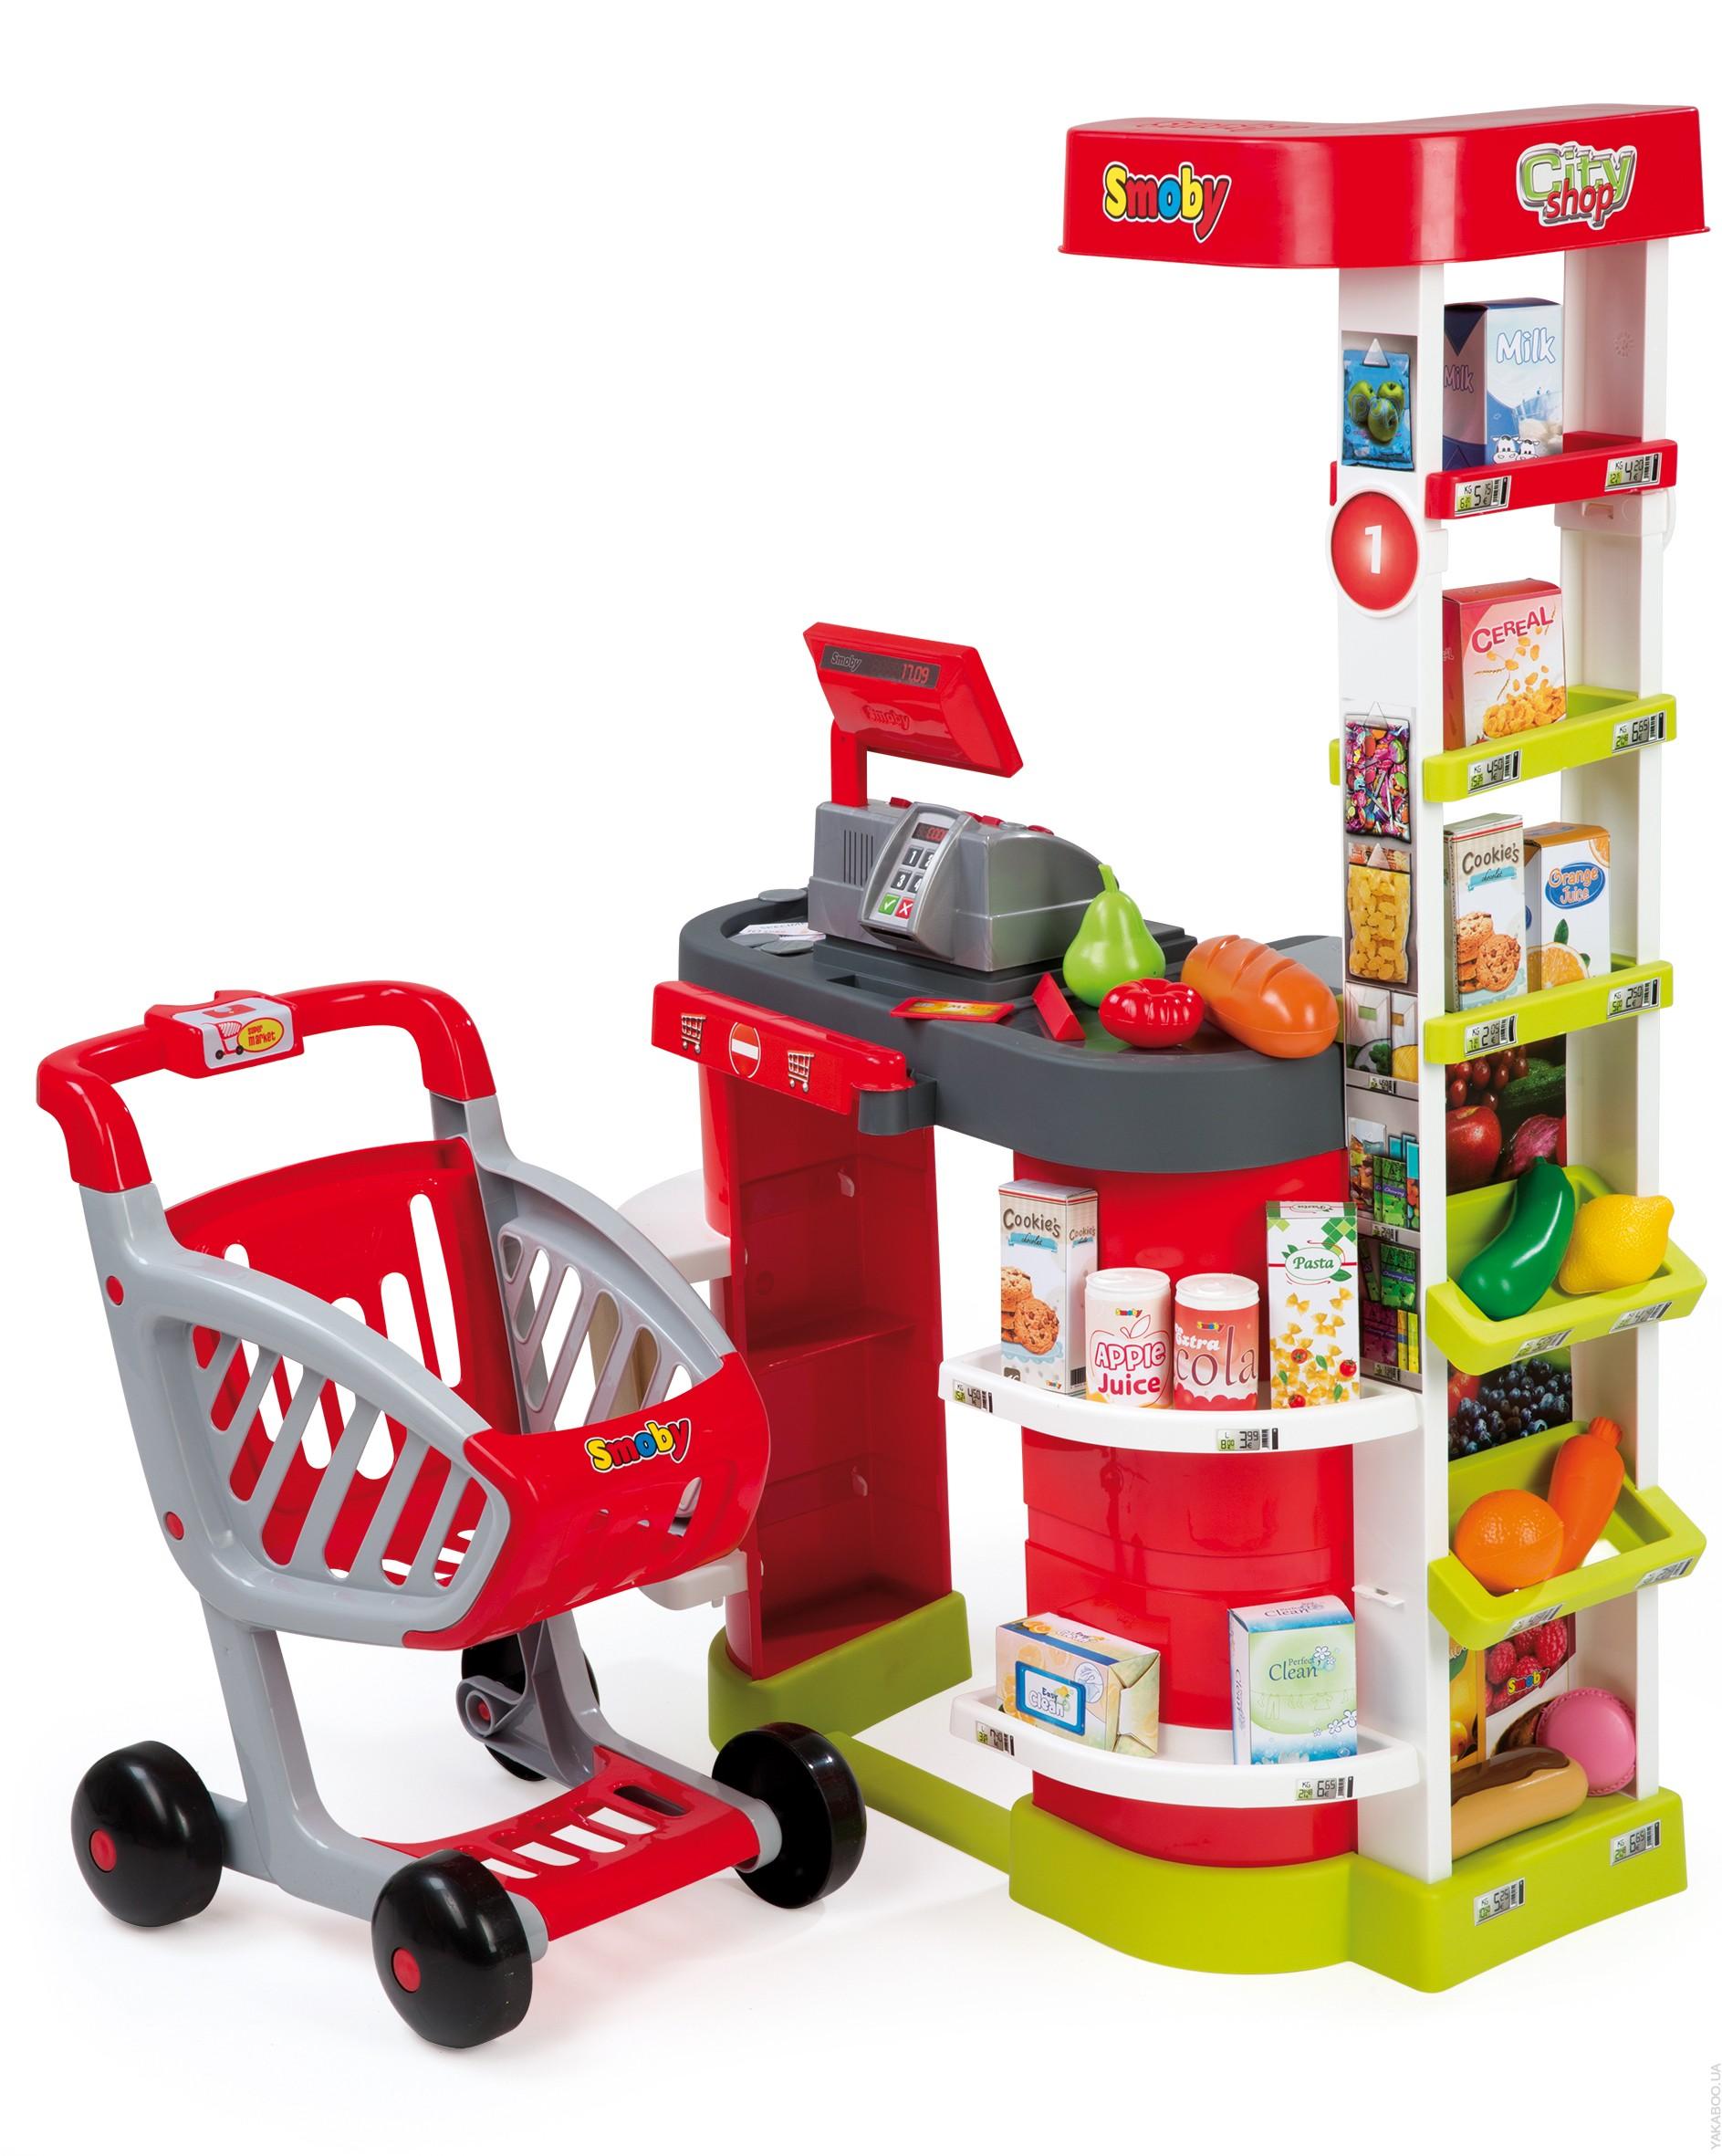 Супермаркет игровой City Shop, свет, звукДетская игрушка Касса. Магазин. Супермаркет<br>Супермаркет игровой City Shop, свет, звук<br>